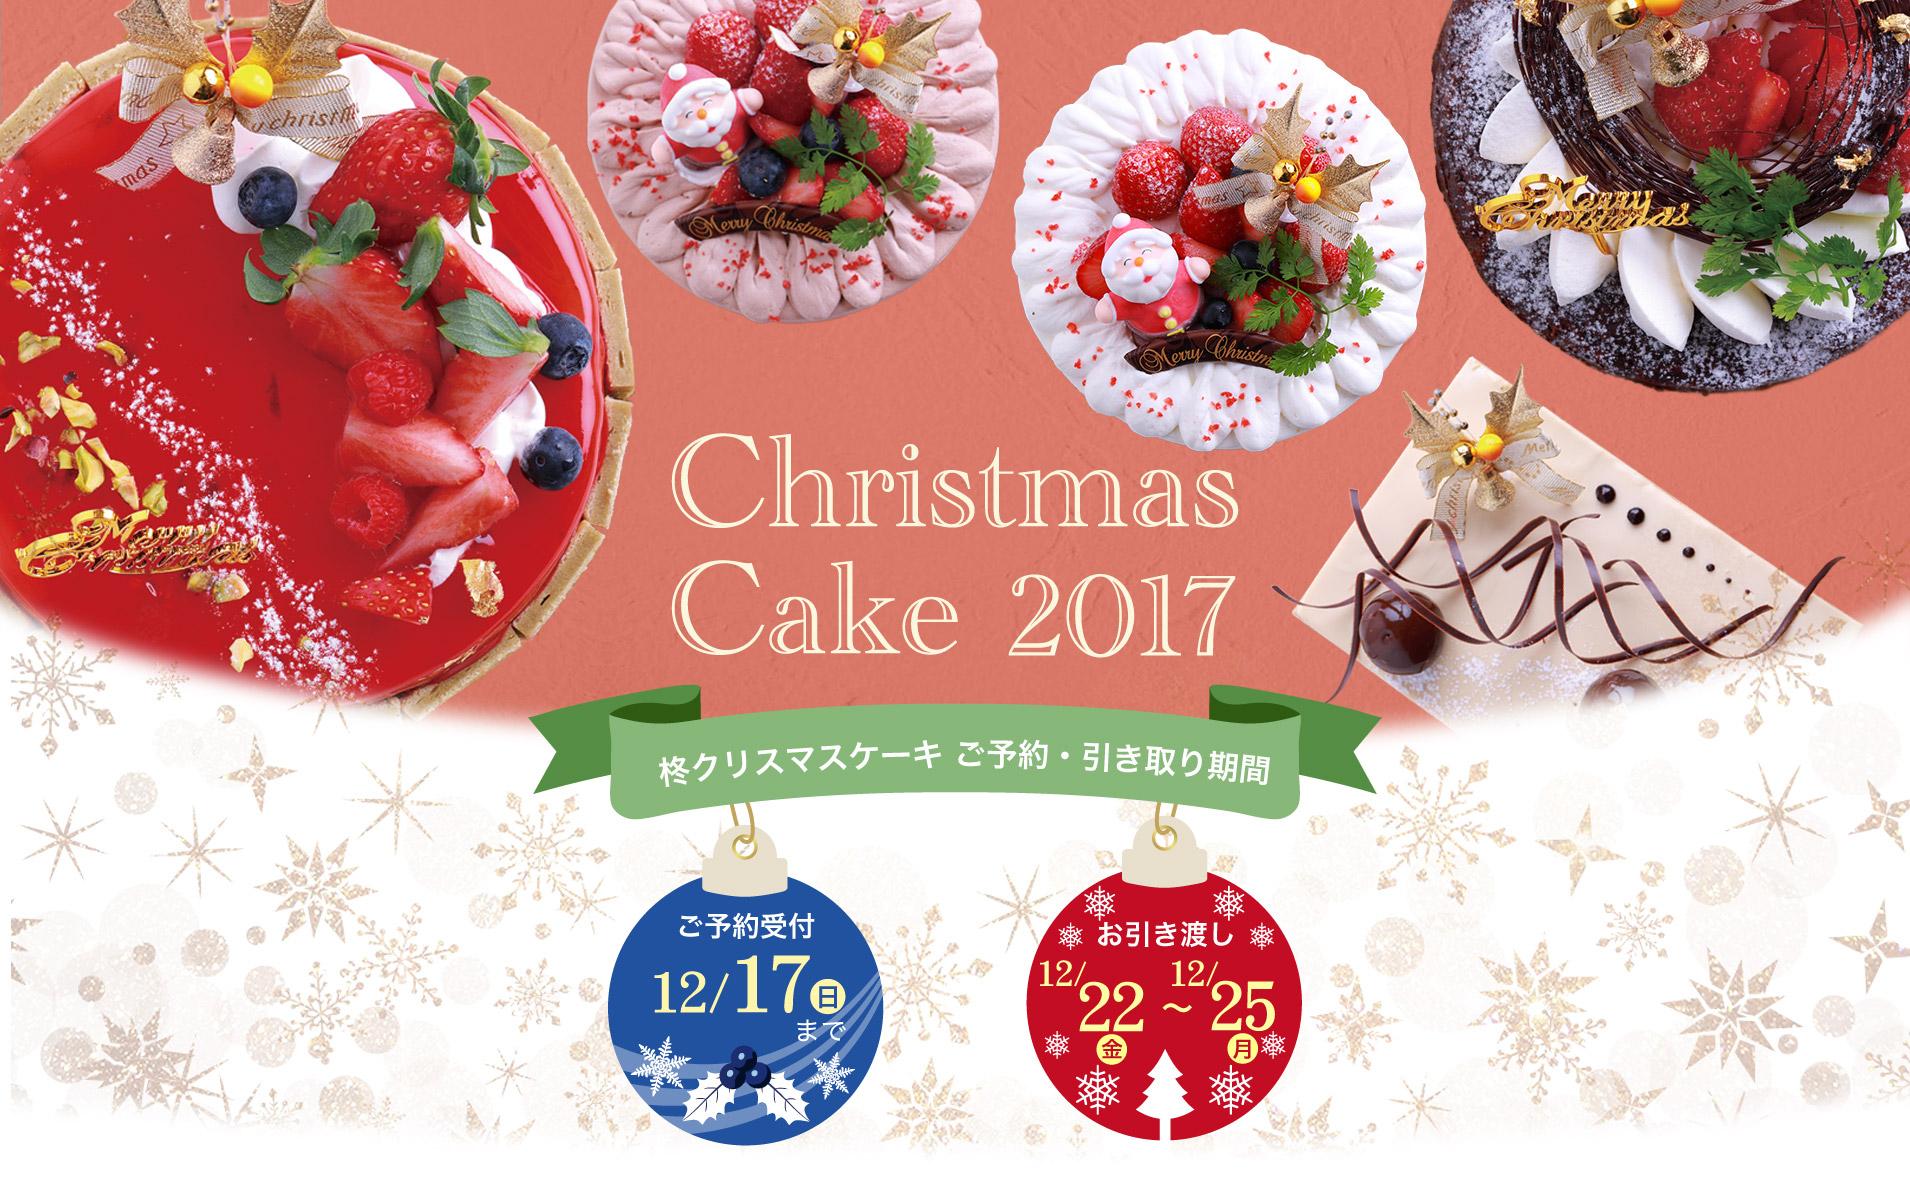 柊 クリスマスケーキ2017